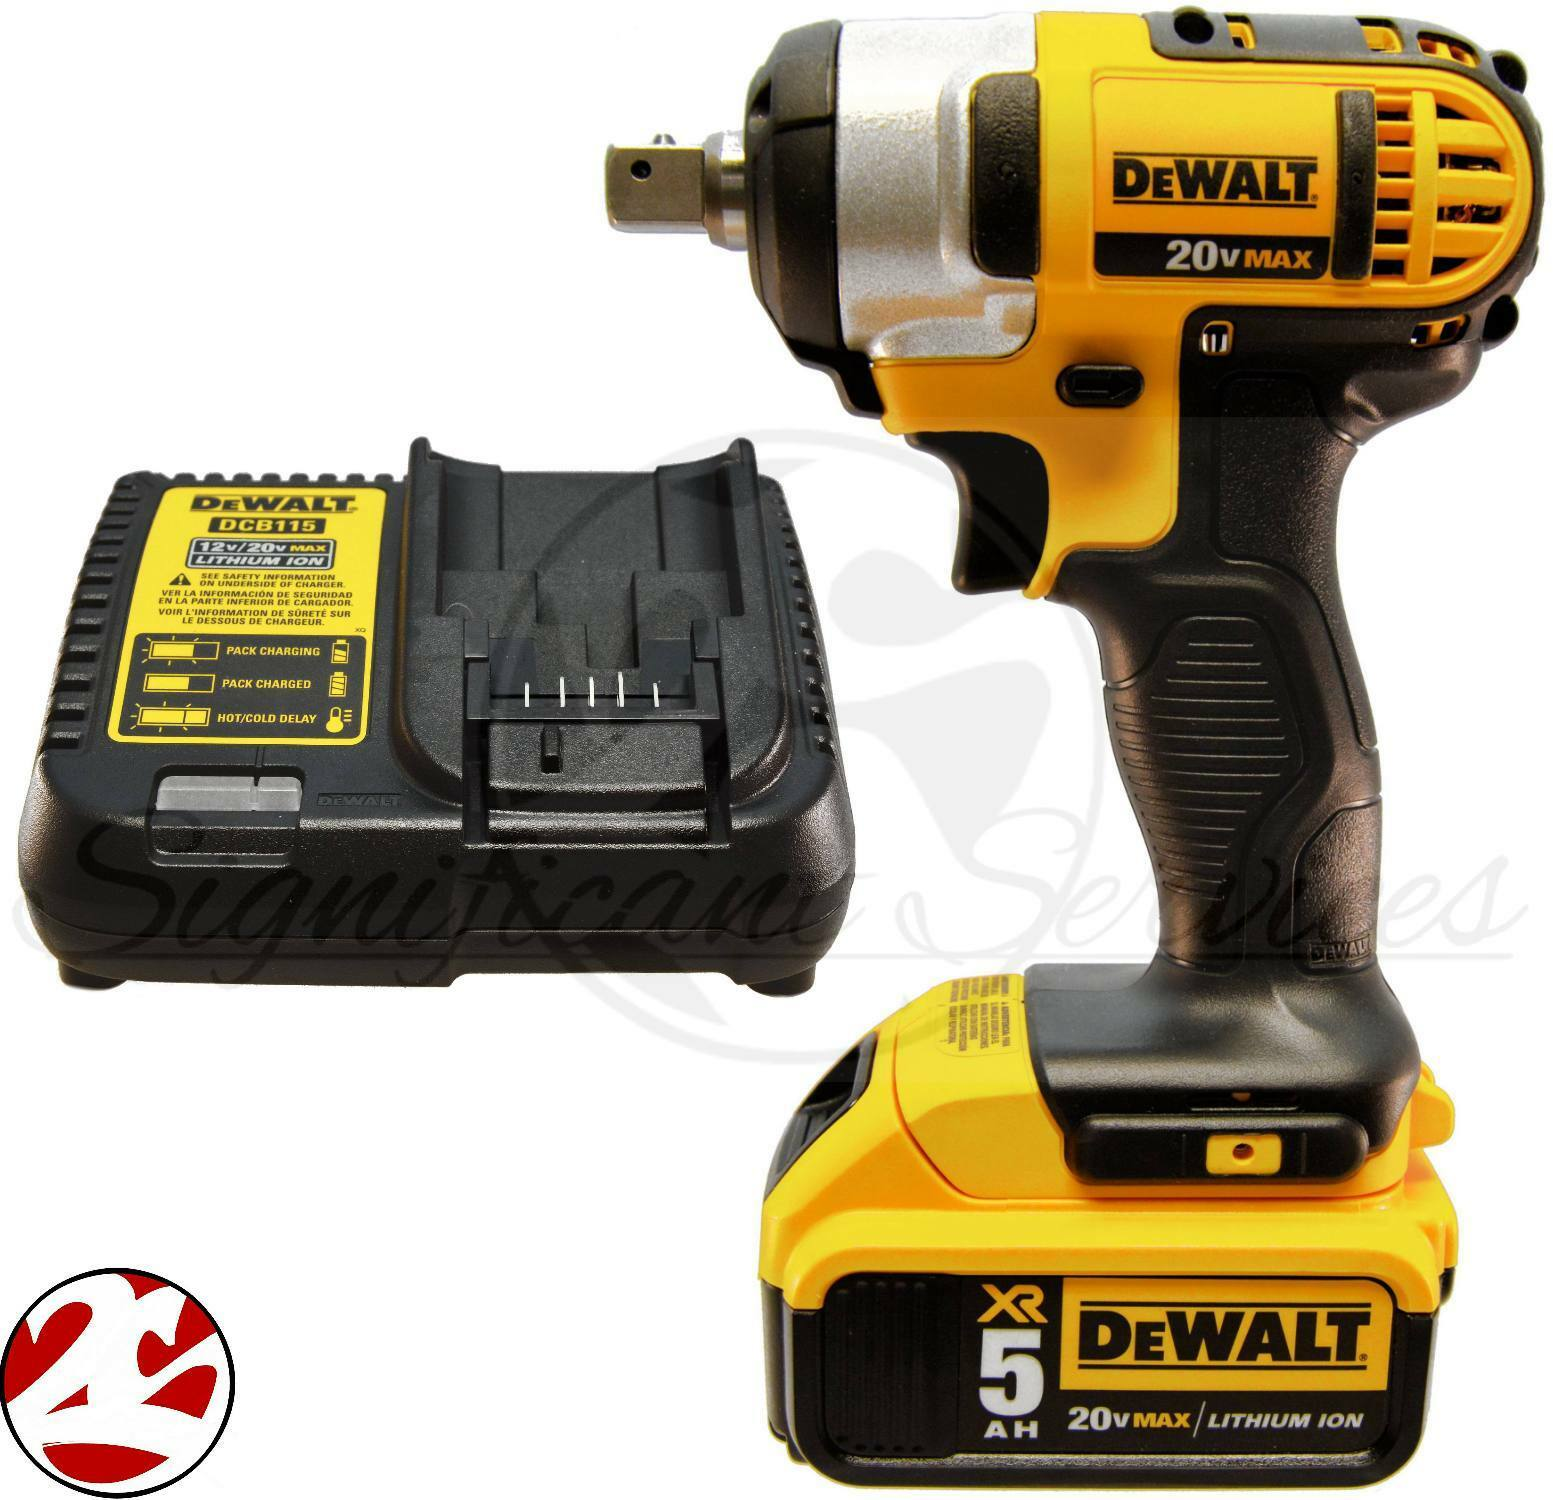 NEW DeWALT DCF880 20V 20 Volt MAX 5.0 Ah Battery Cordless 1/2